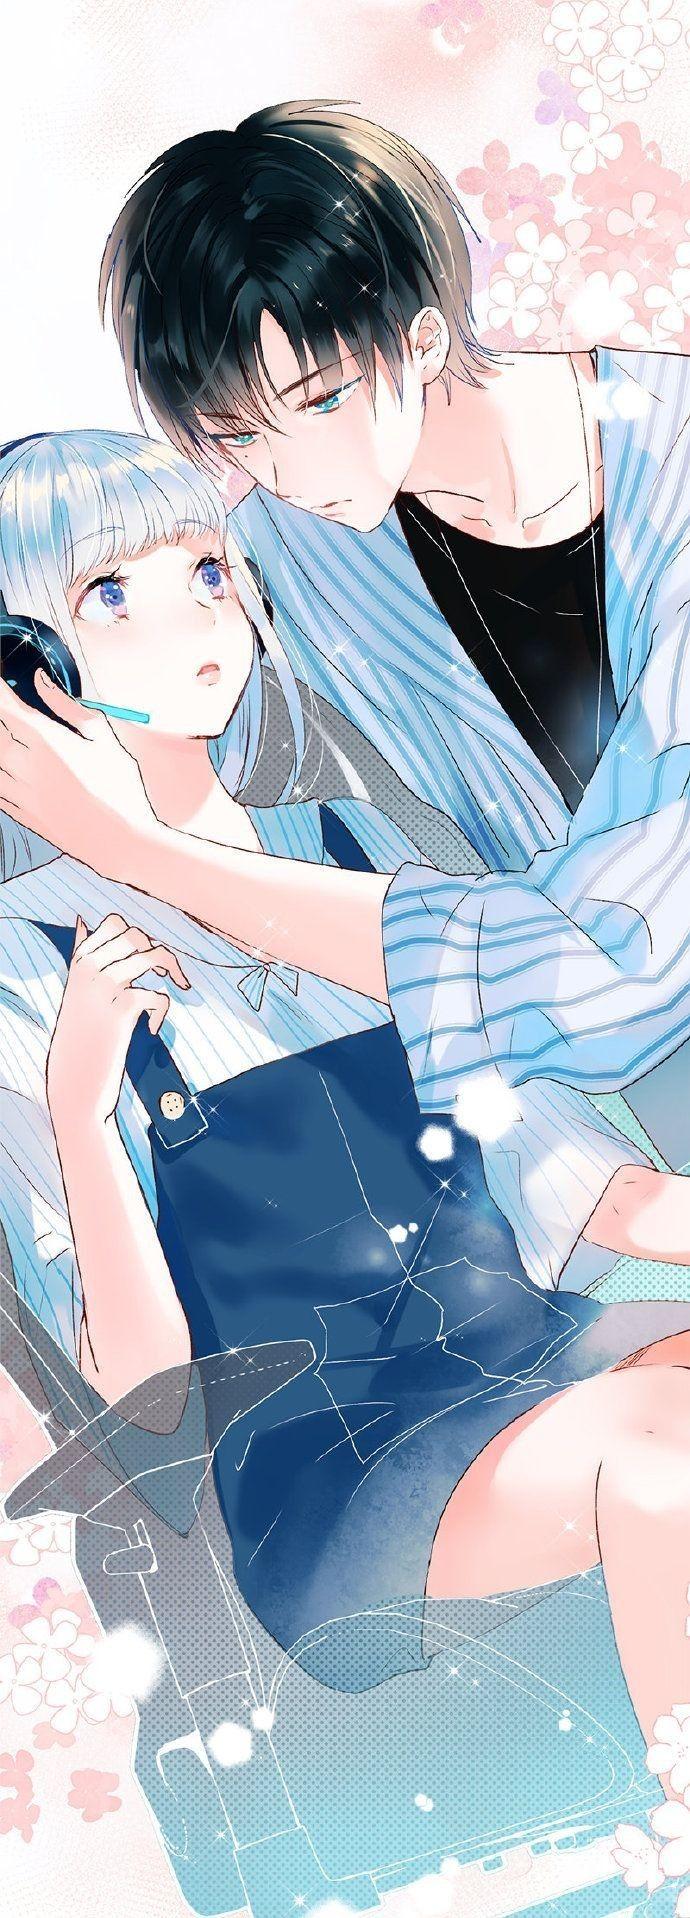 Ghim của Sunny 晴 trên 成也蕭河 trong 2020 Manga anime